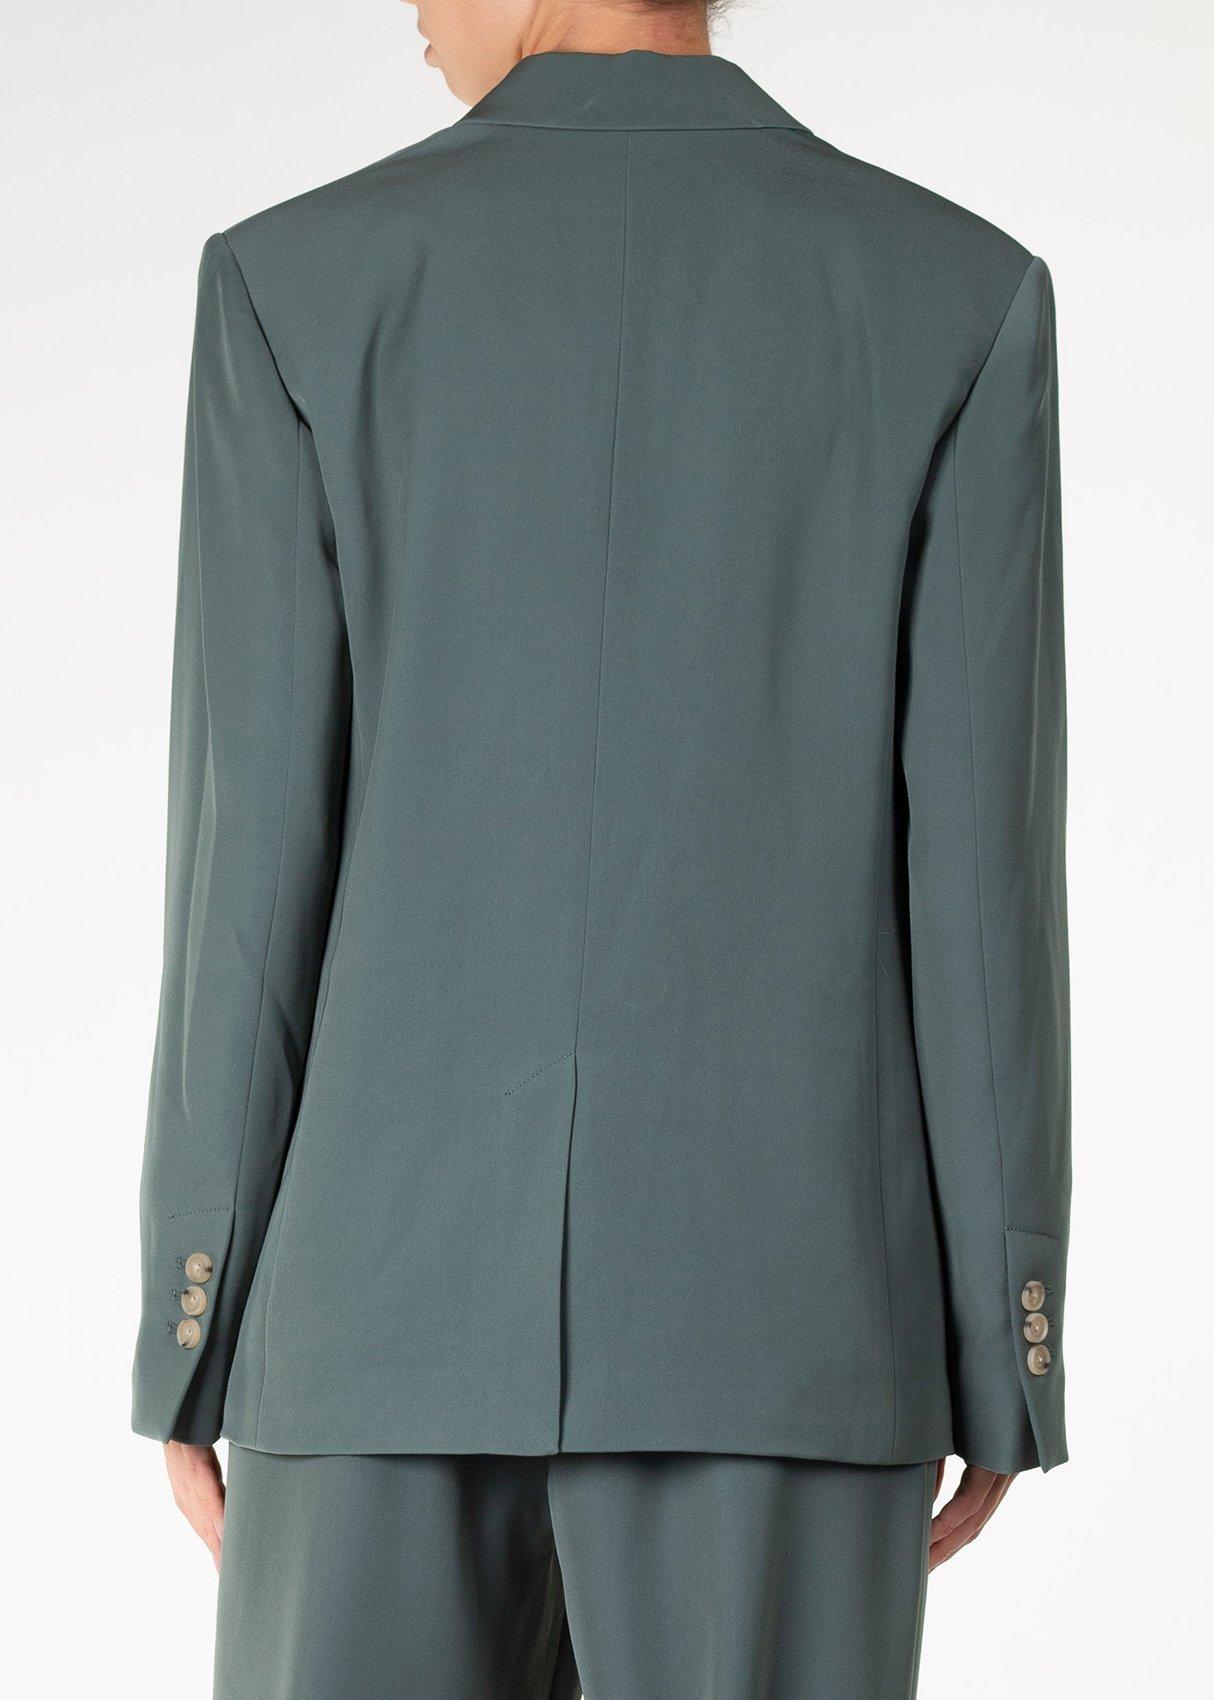 Зеленый пиджак Vince с прорезными карманами